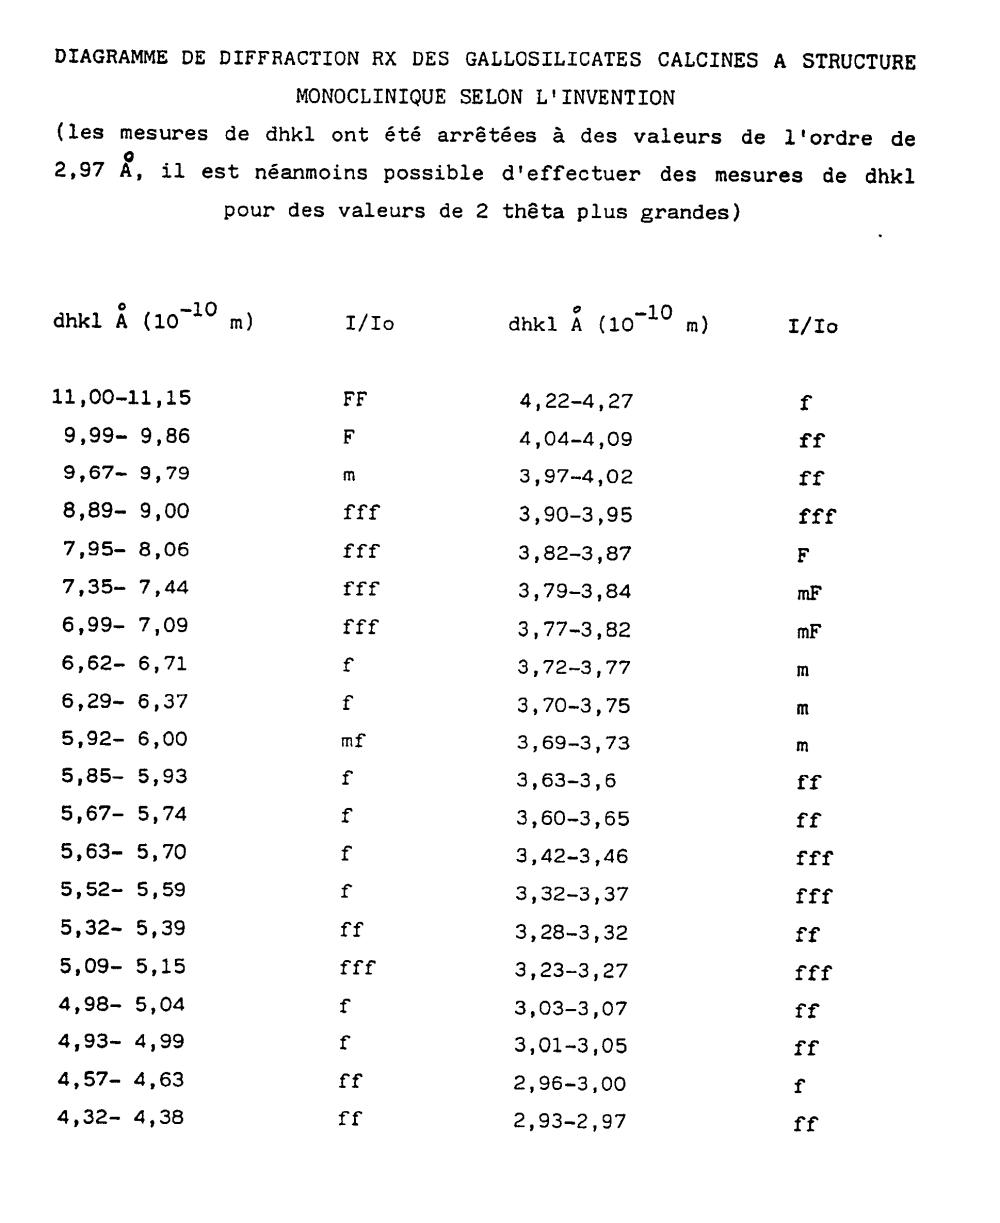 medium resolution of figure imgb0005